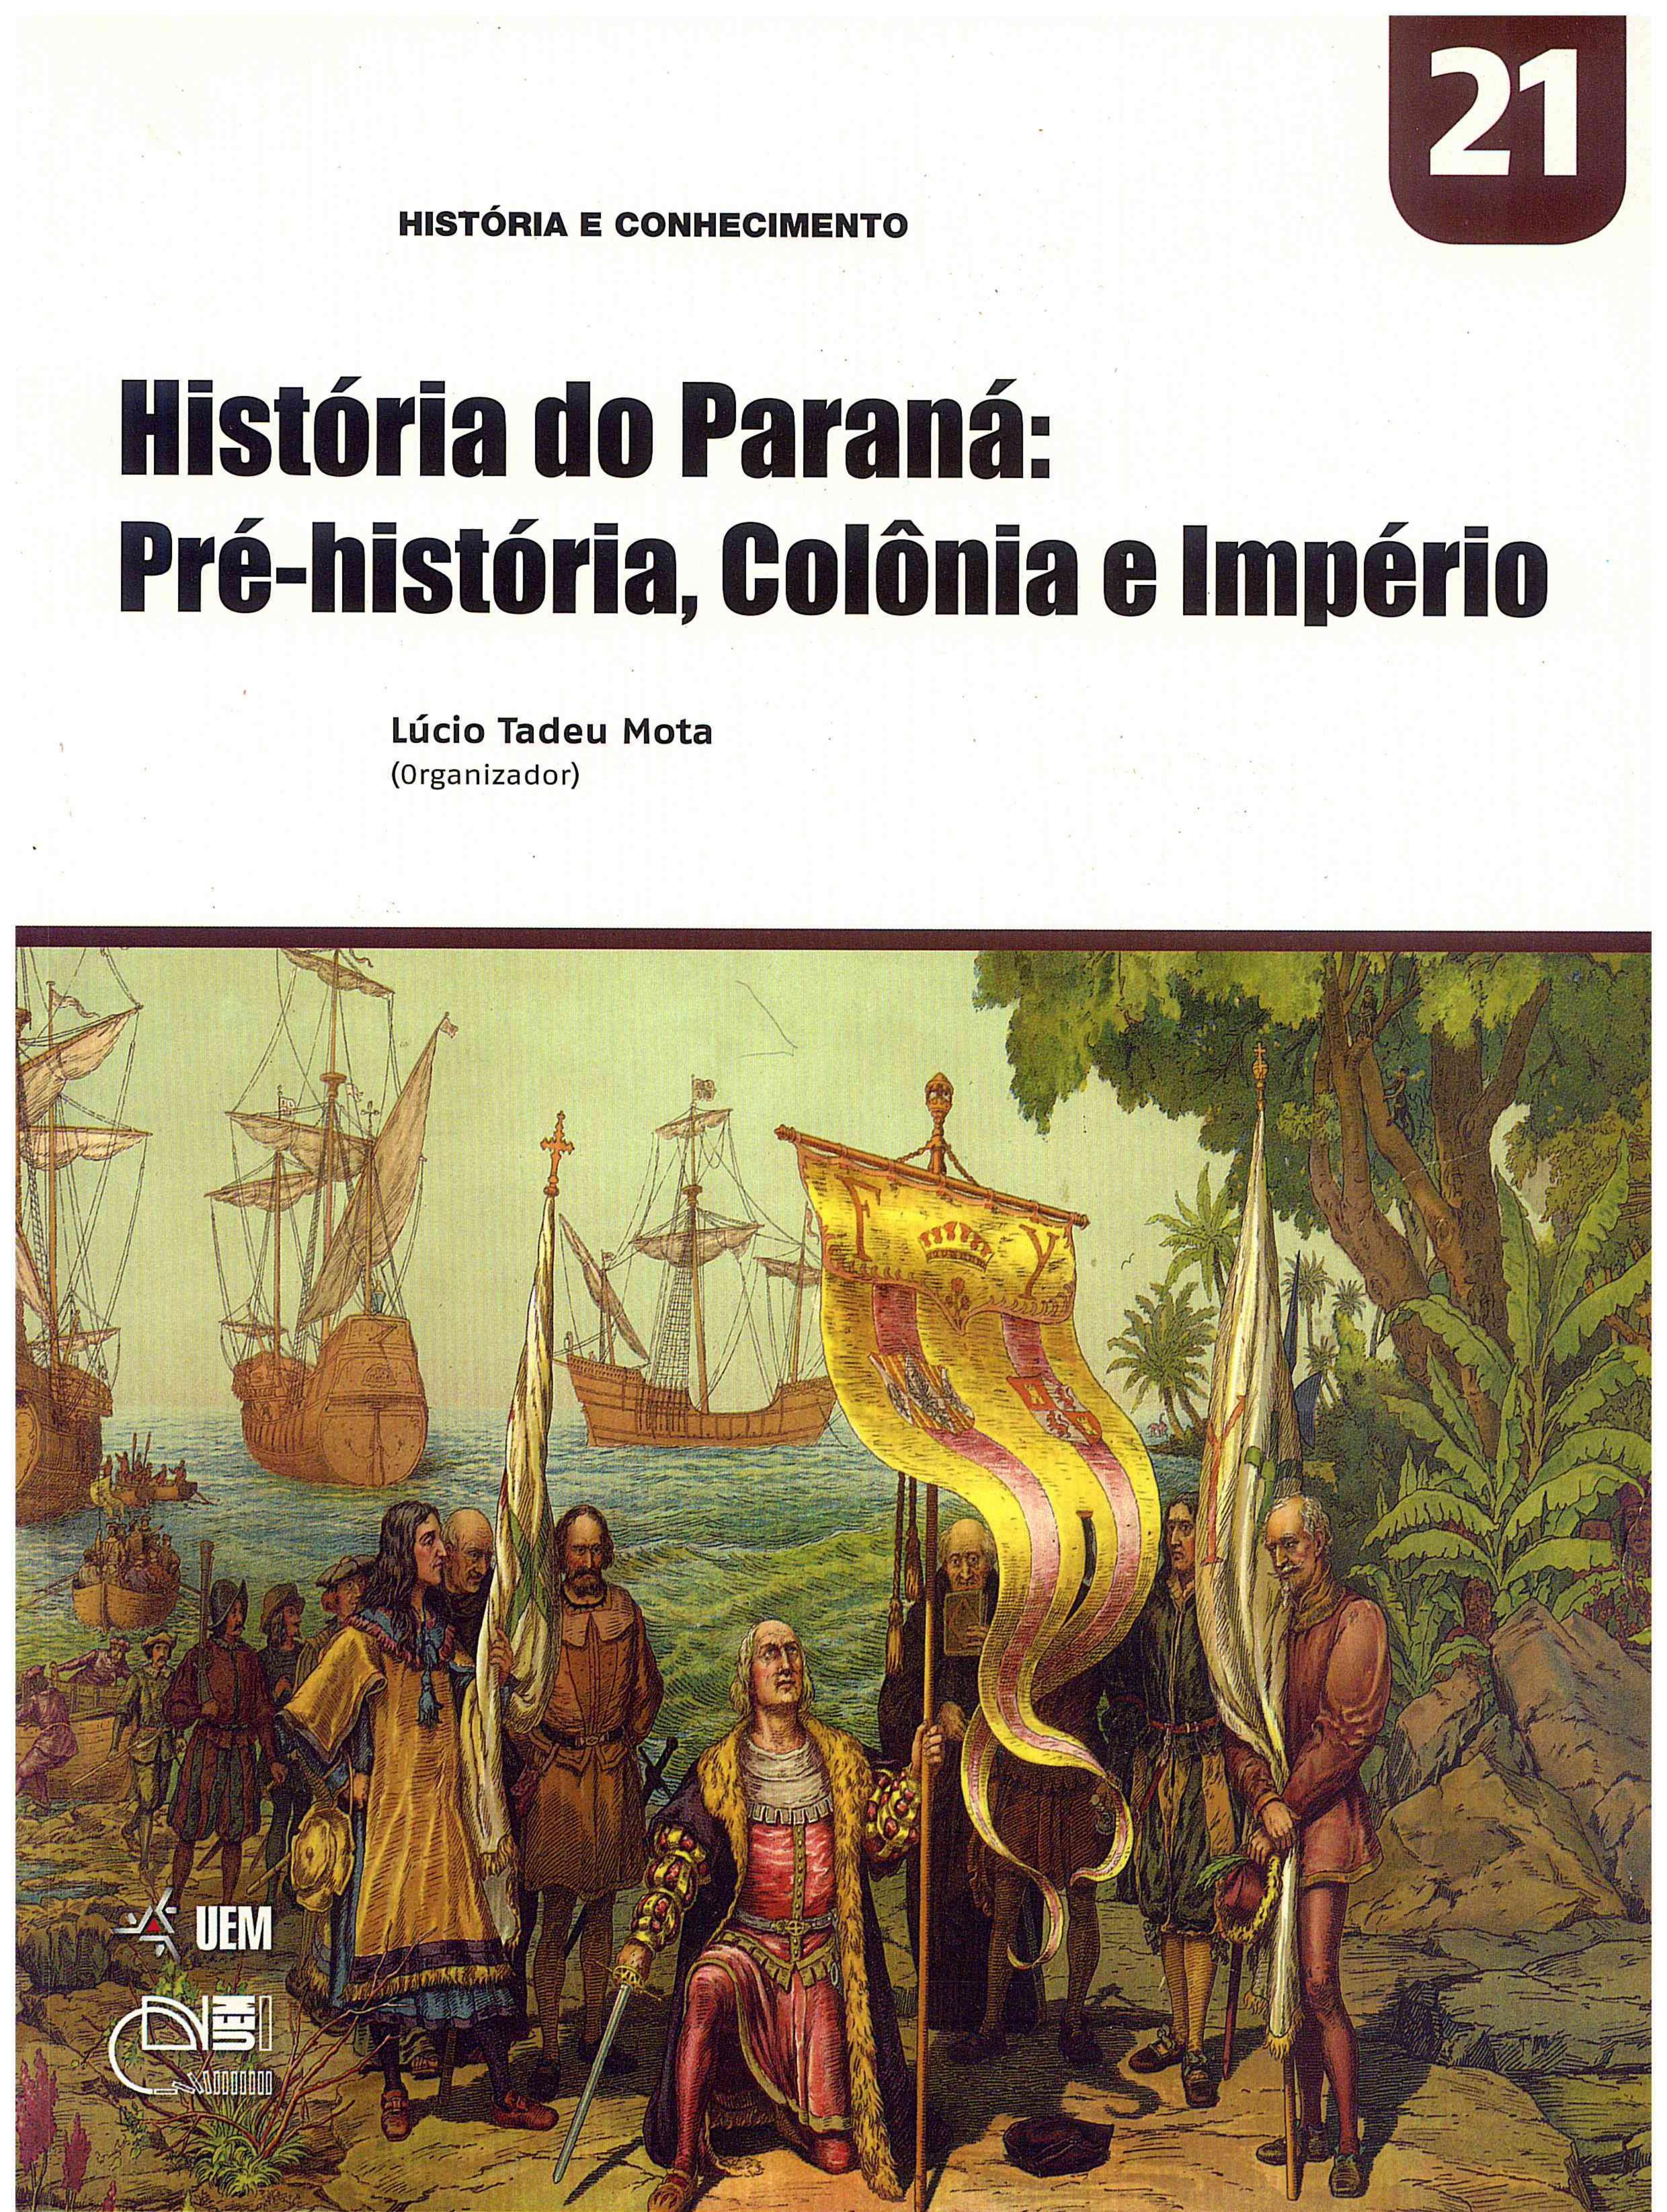 MOTA, L. T. (Org.). História do Paraná: Pré-história, Colônia e Império